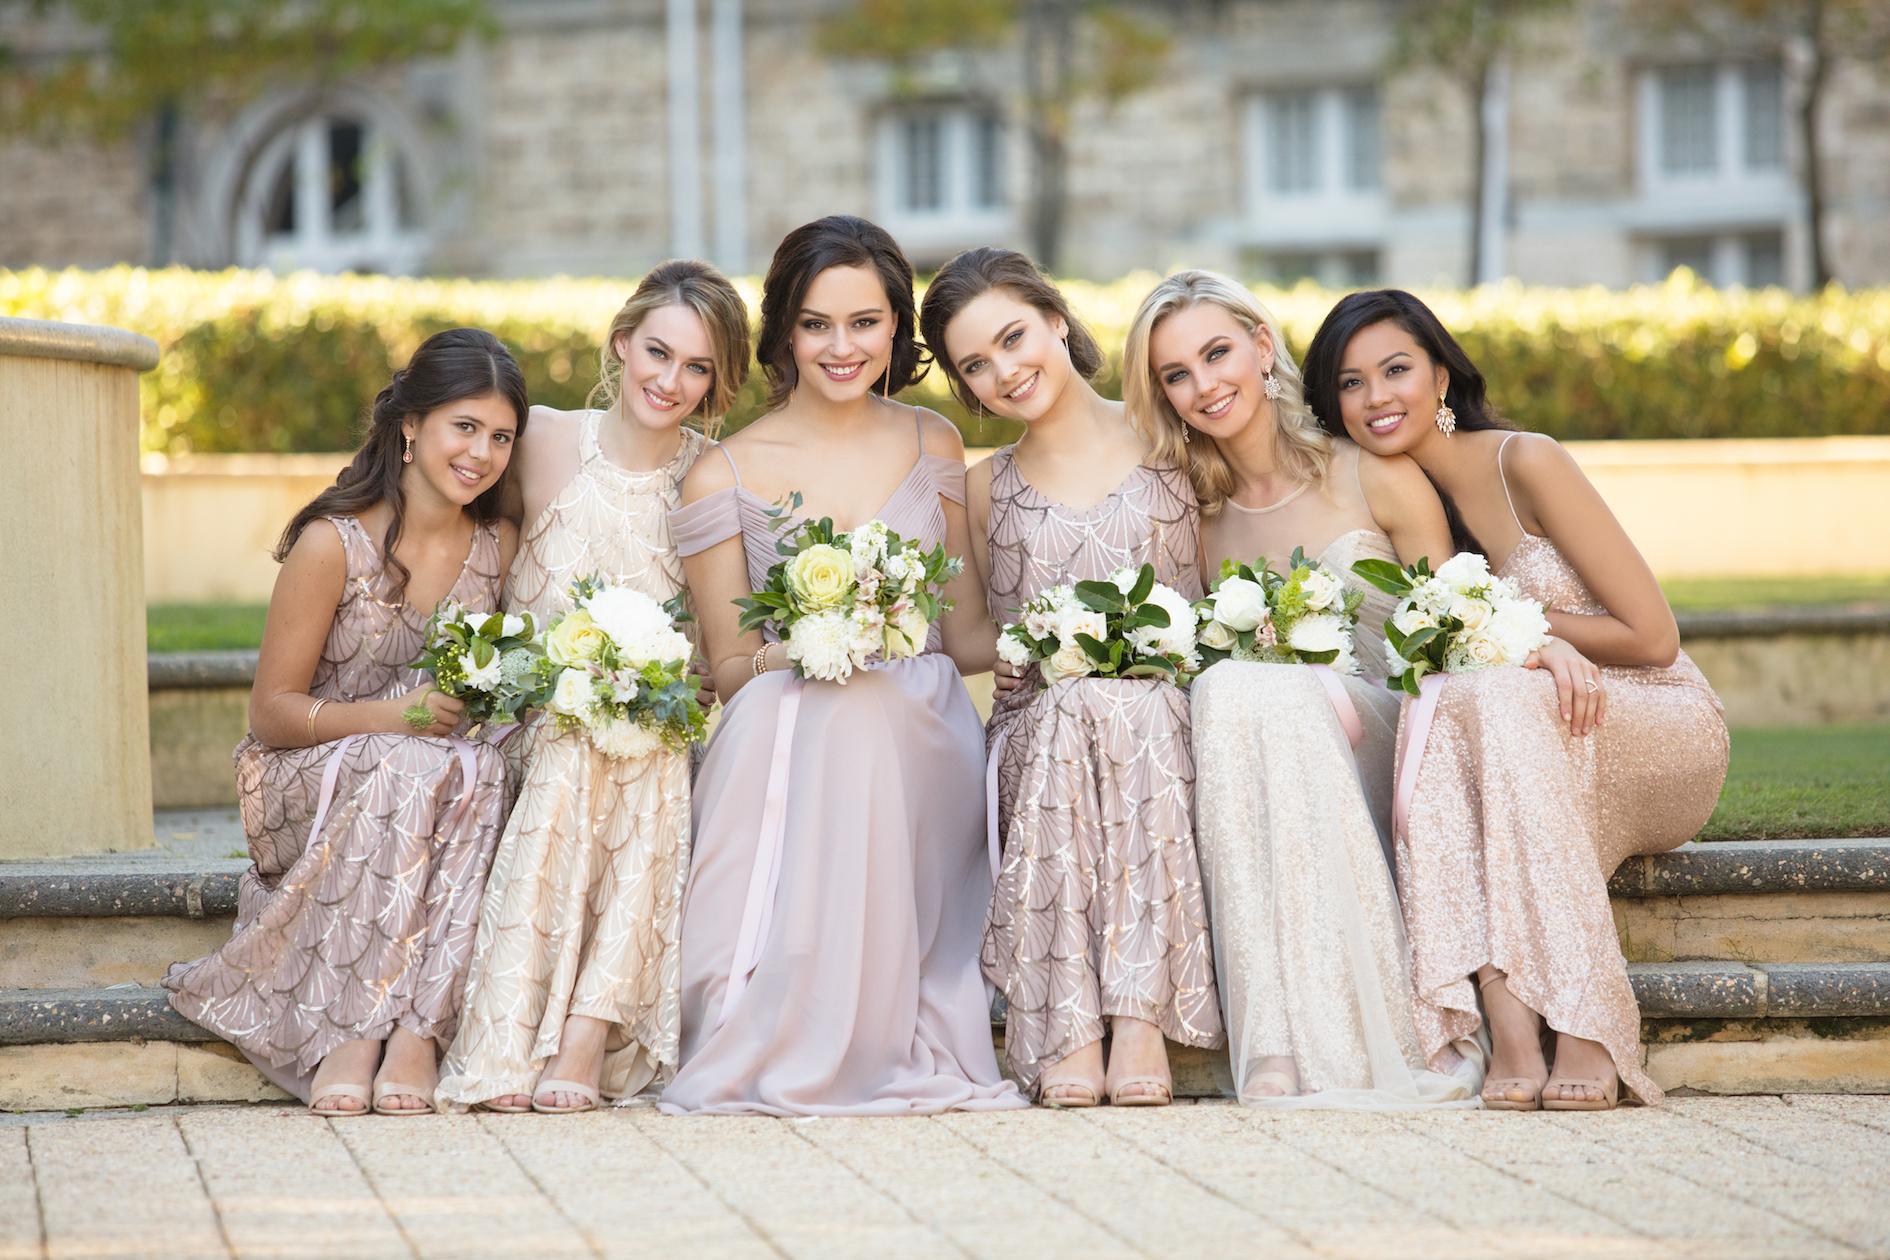 Sorella Vita The Bridal Boutique